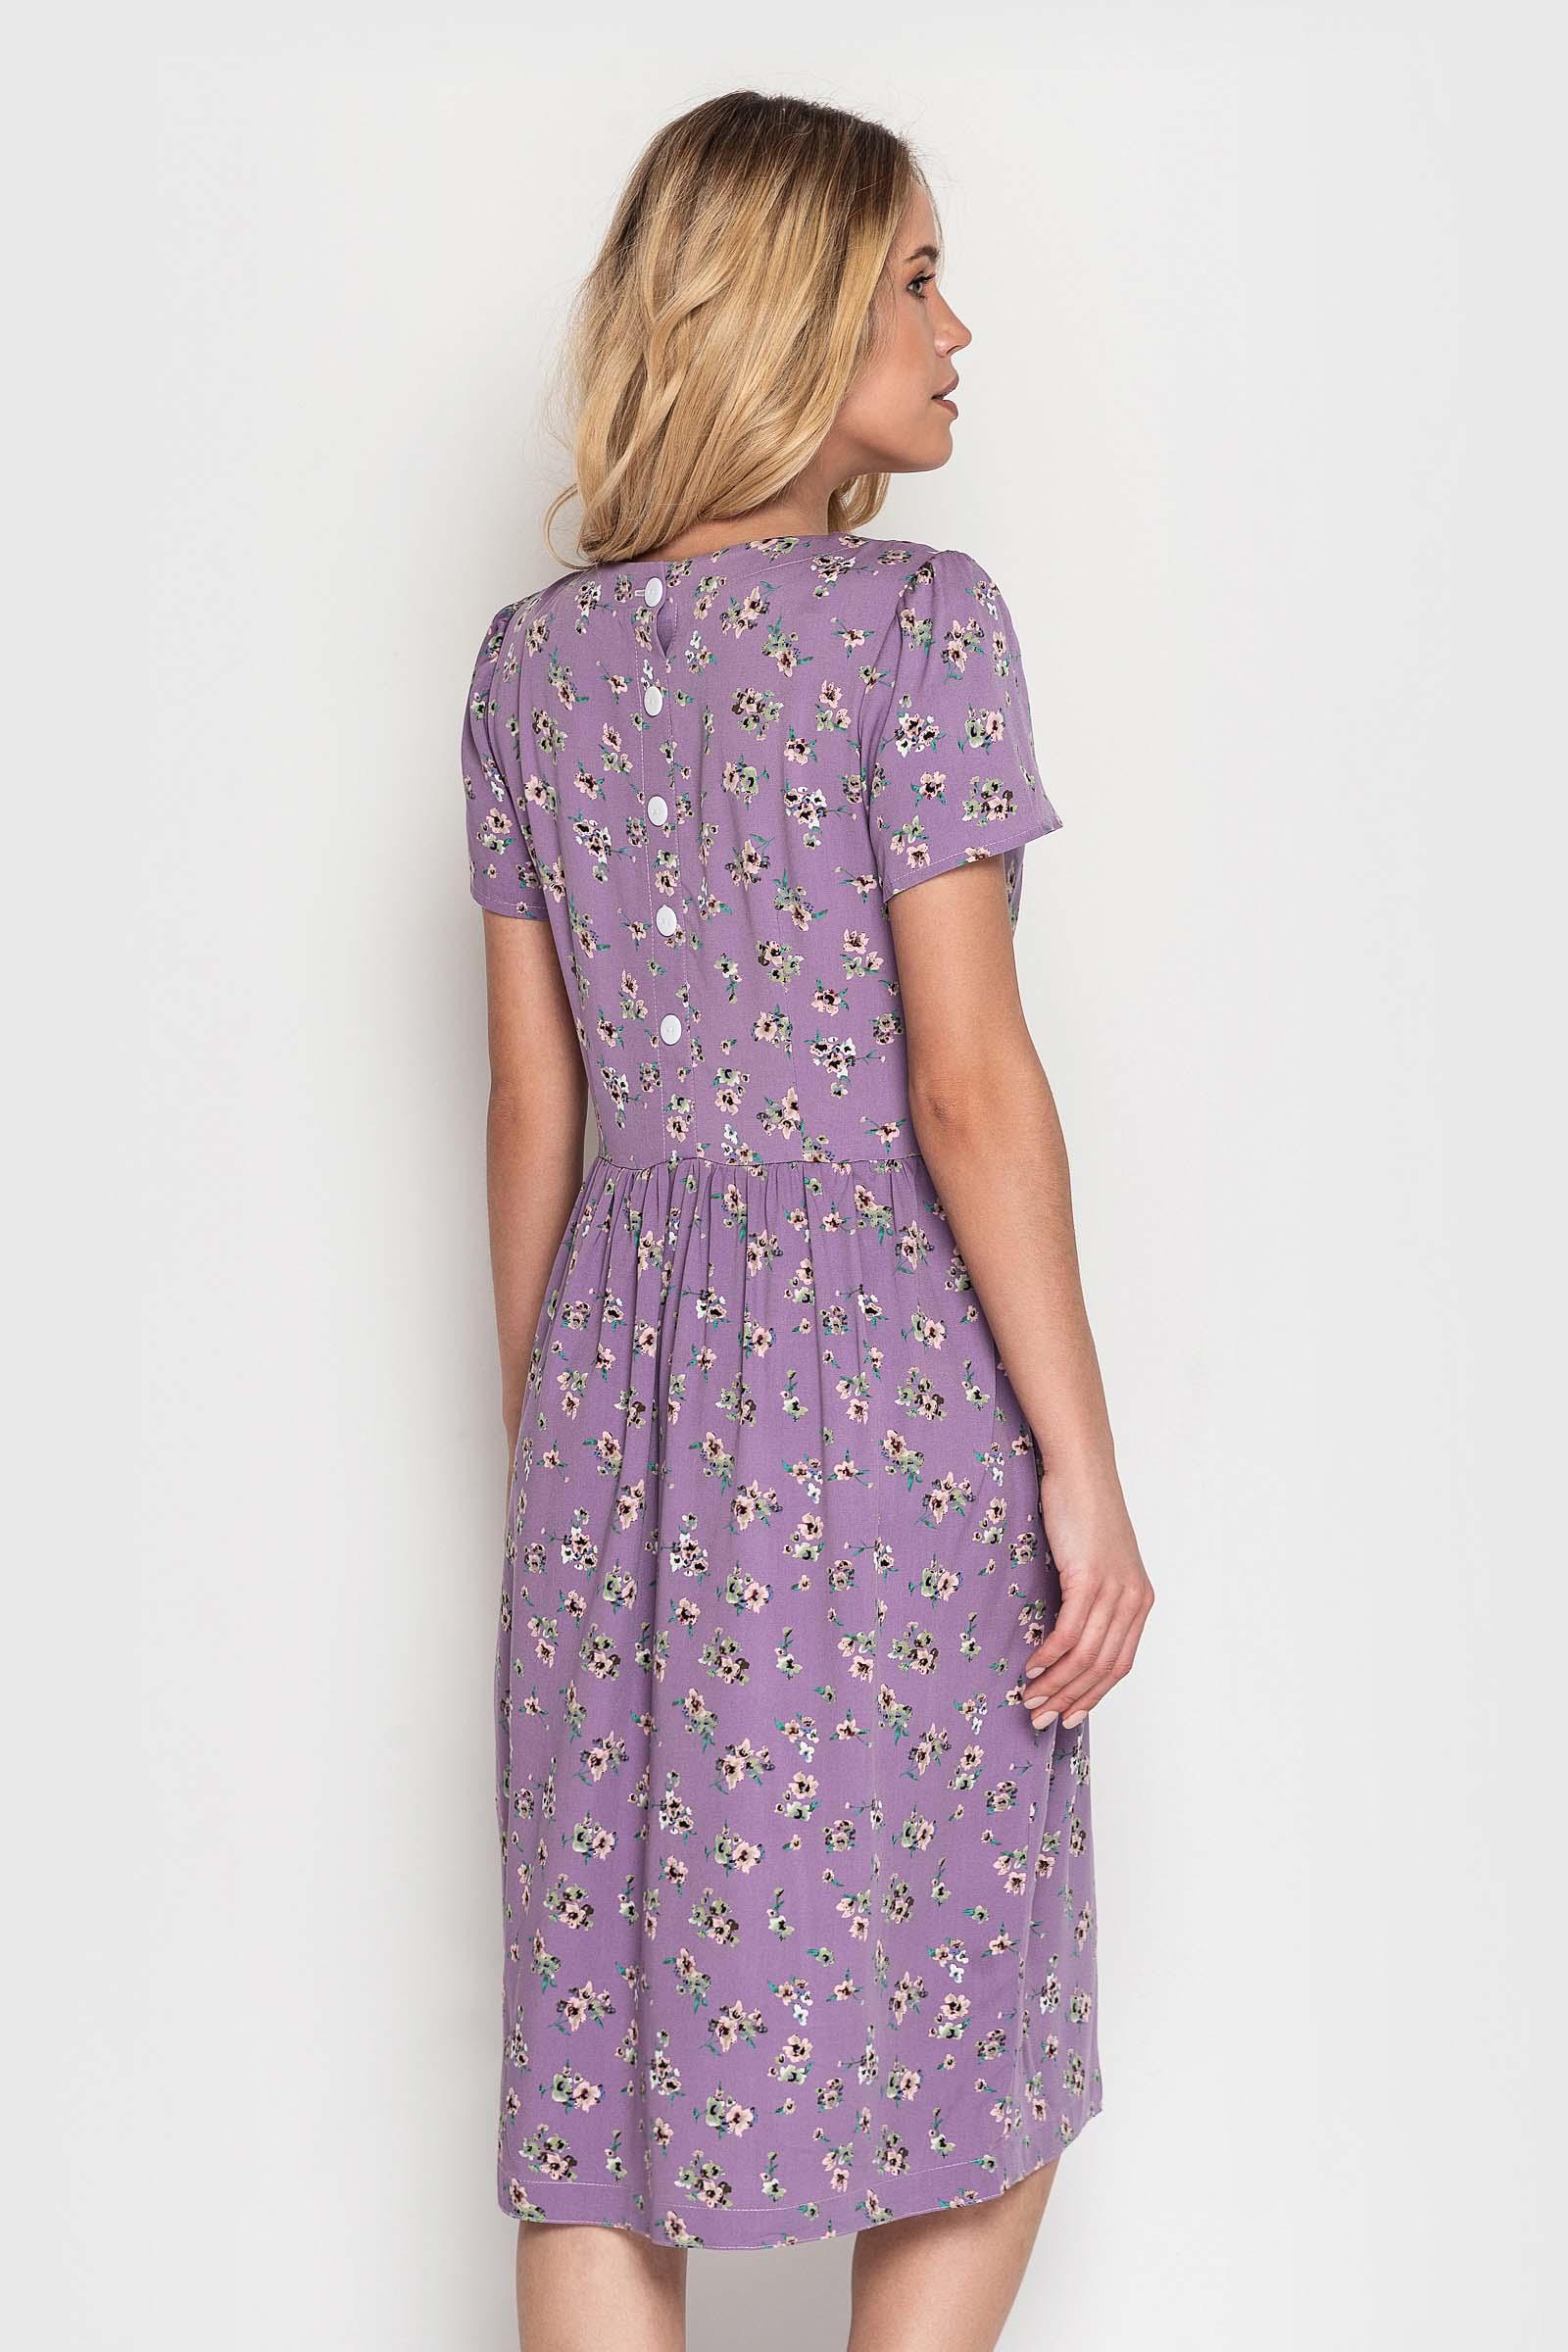 Лавандовое платье с цветочным принтом